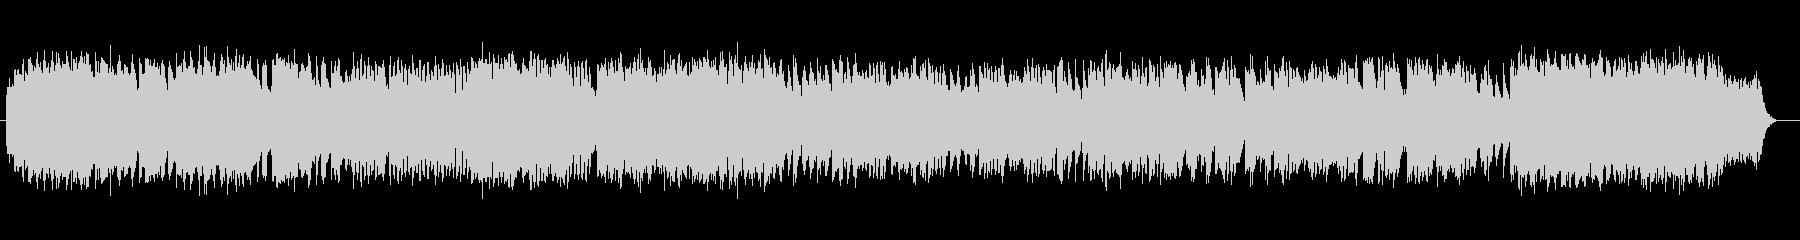 おごそかで少しホラー感のあるオルガン曲の未再生の波形